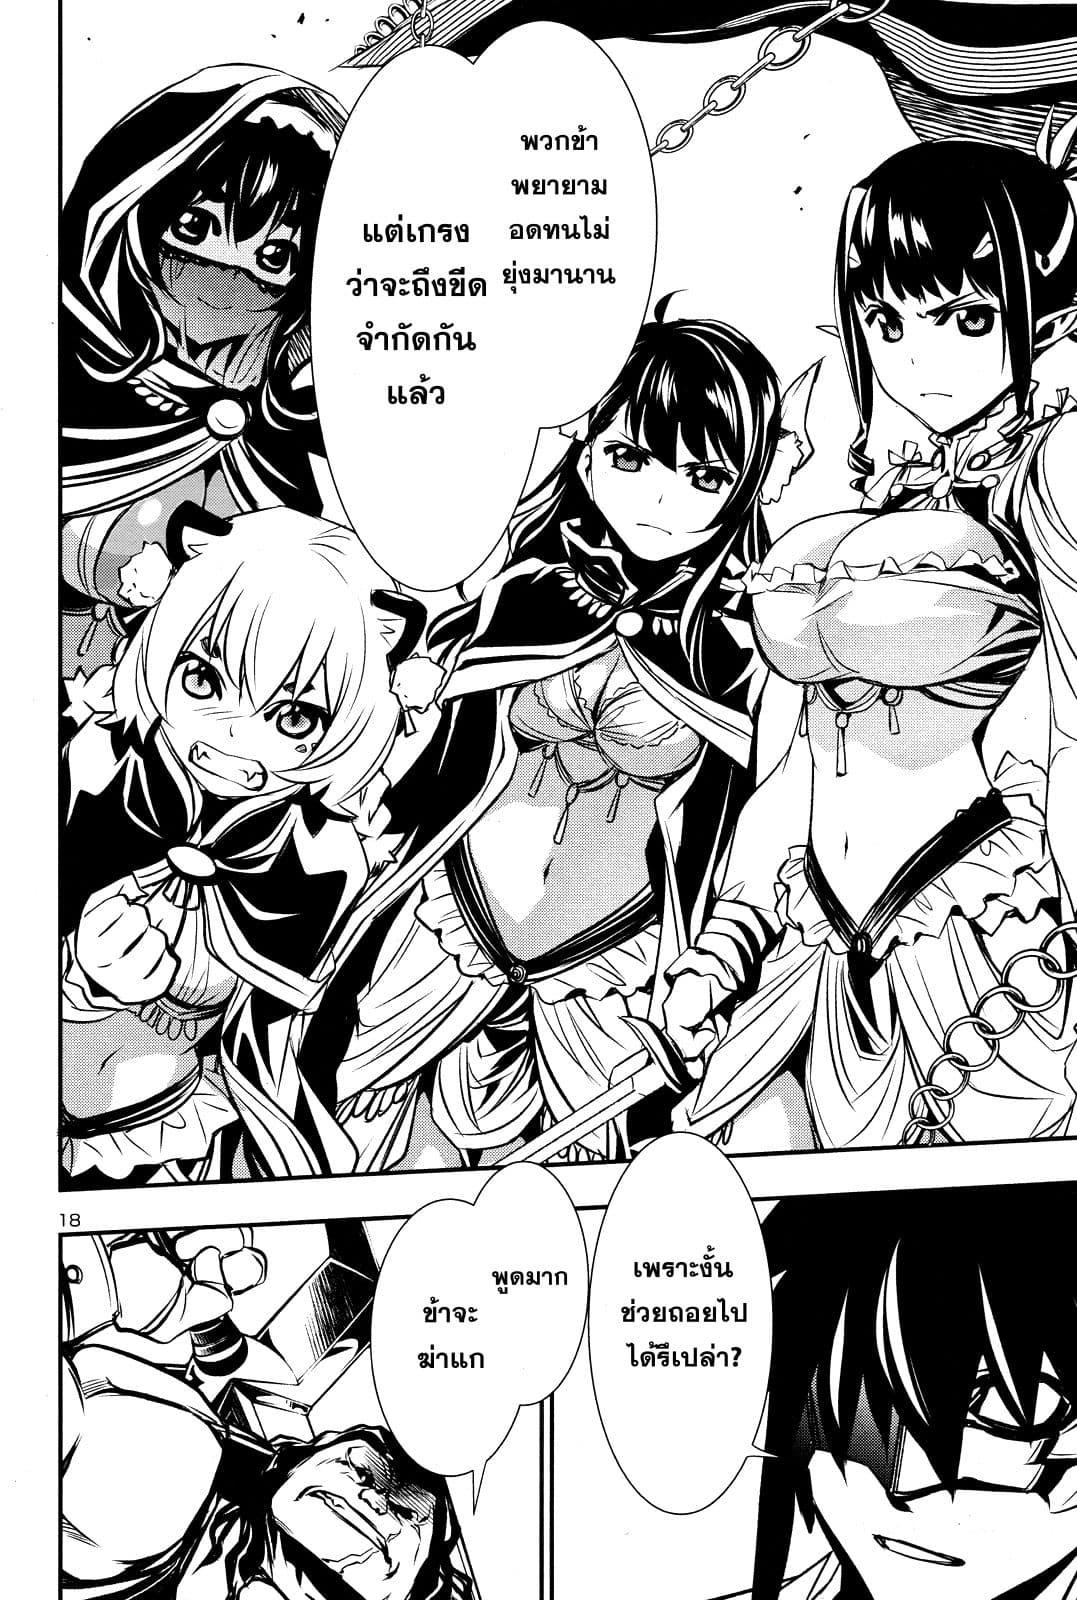 อ่านการ์ตูน Shinju no Nectar ตอนที่ 14 หน้าที่ 18